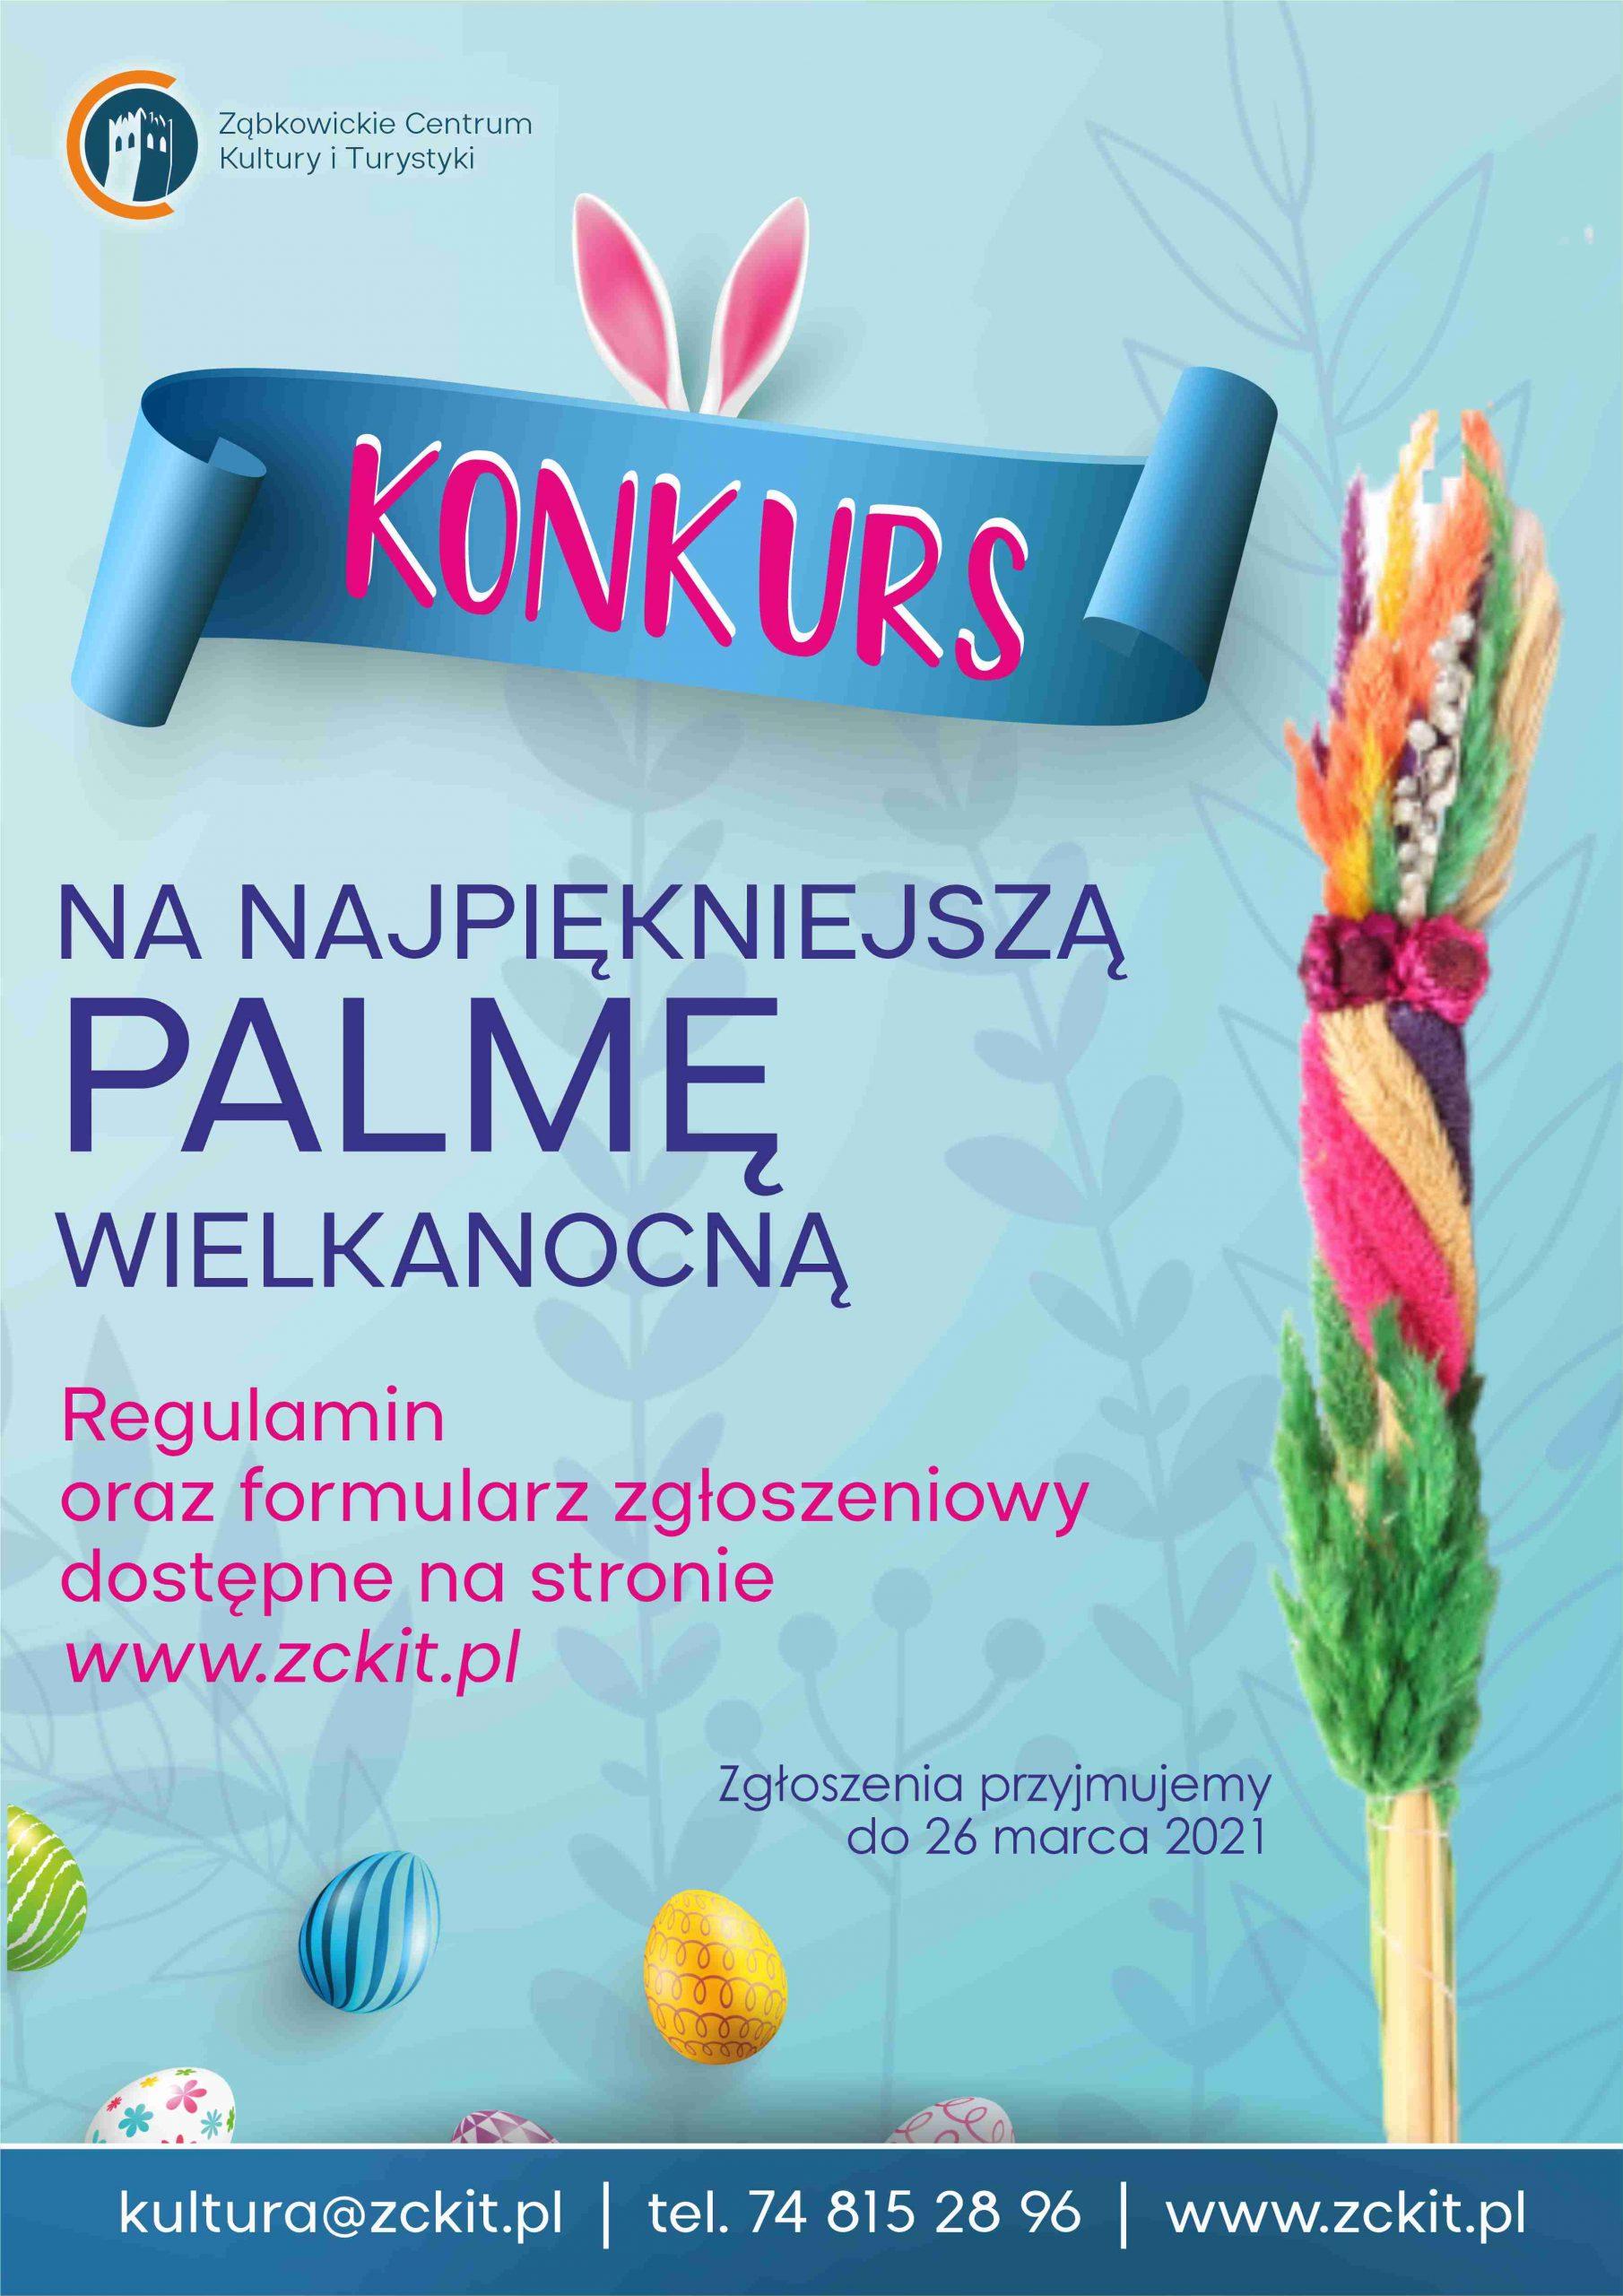 Ogłoszenie o konkursie na najpiękniejszą palmę wielkanocną w Ząbkowicach Śląśkich